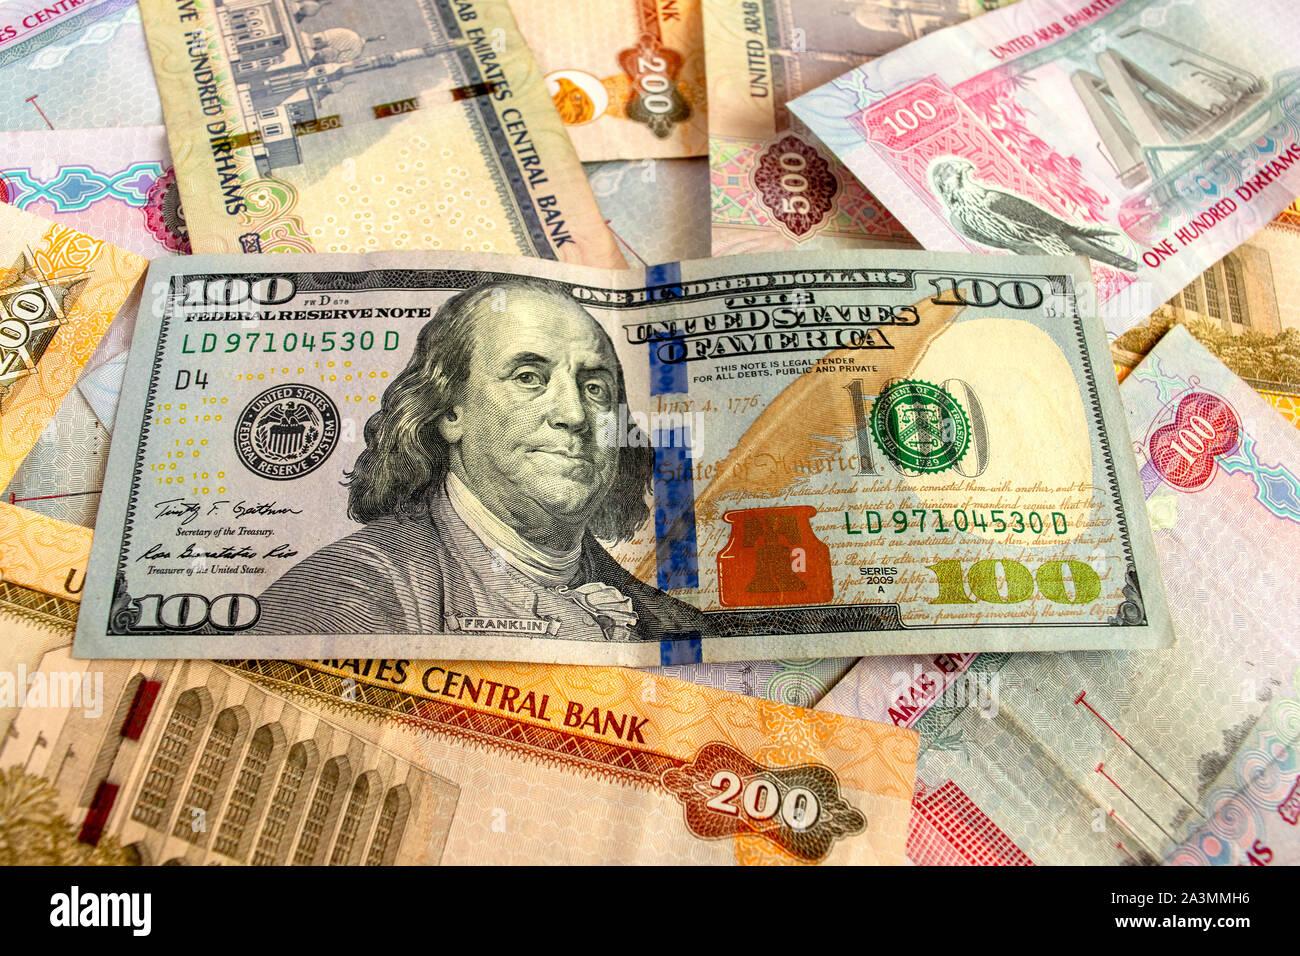 United Arab Emirates Uae Dirhams Stockfotos und -bilder Kaufen - Alamy